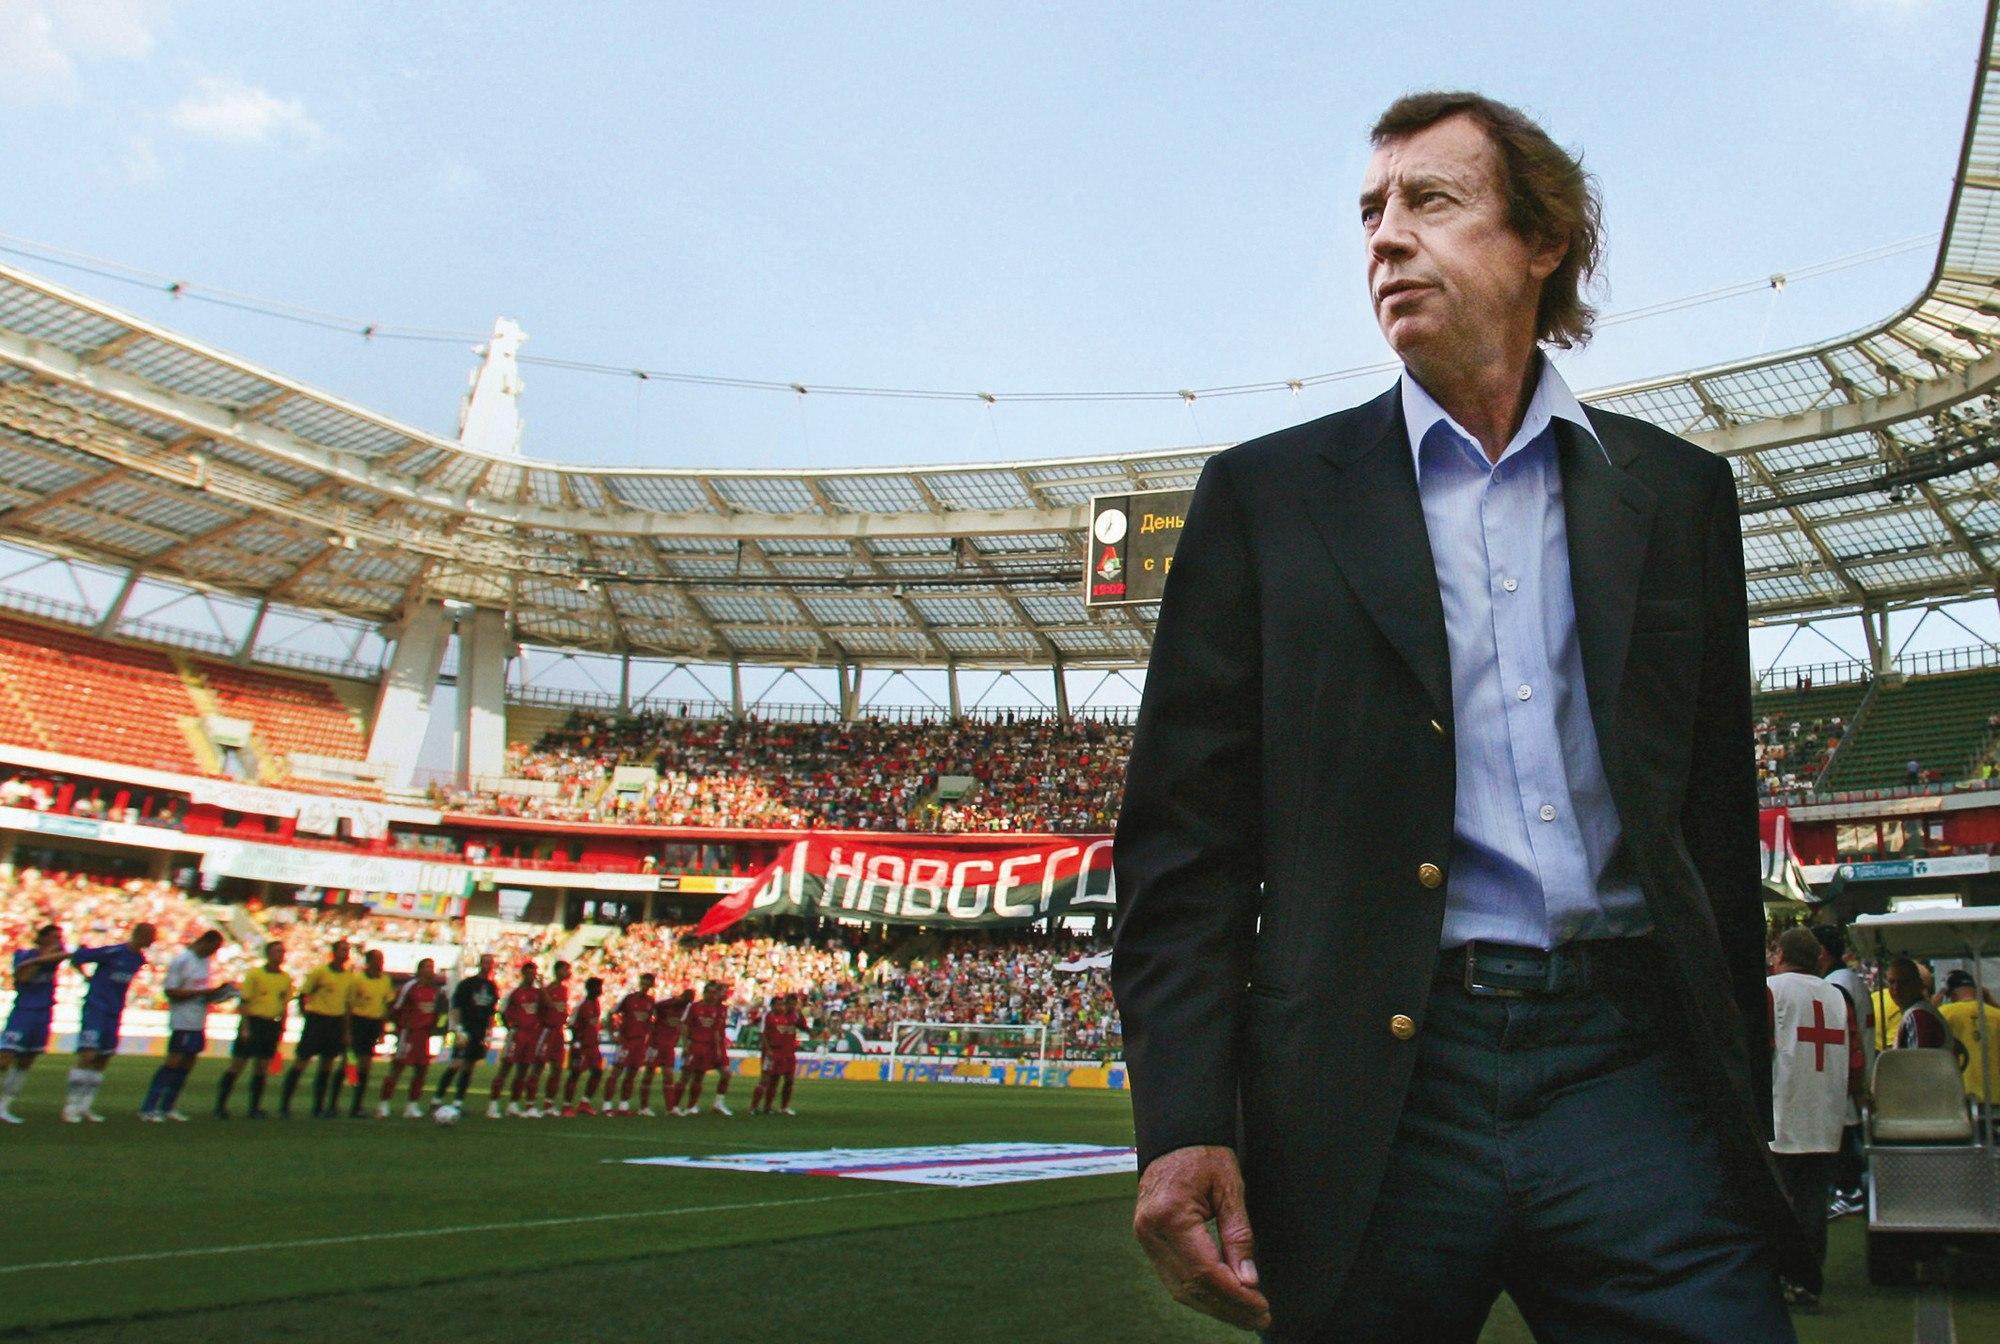 Юрий Семин: новый формат Лиги чемпионов не очень подходит для российского футбола